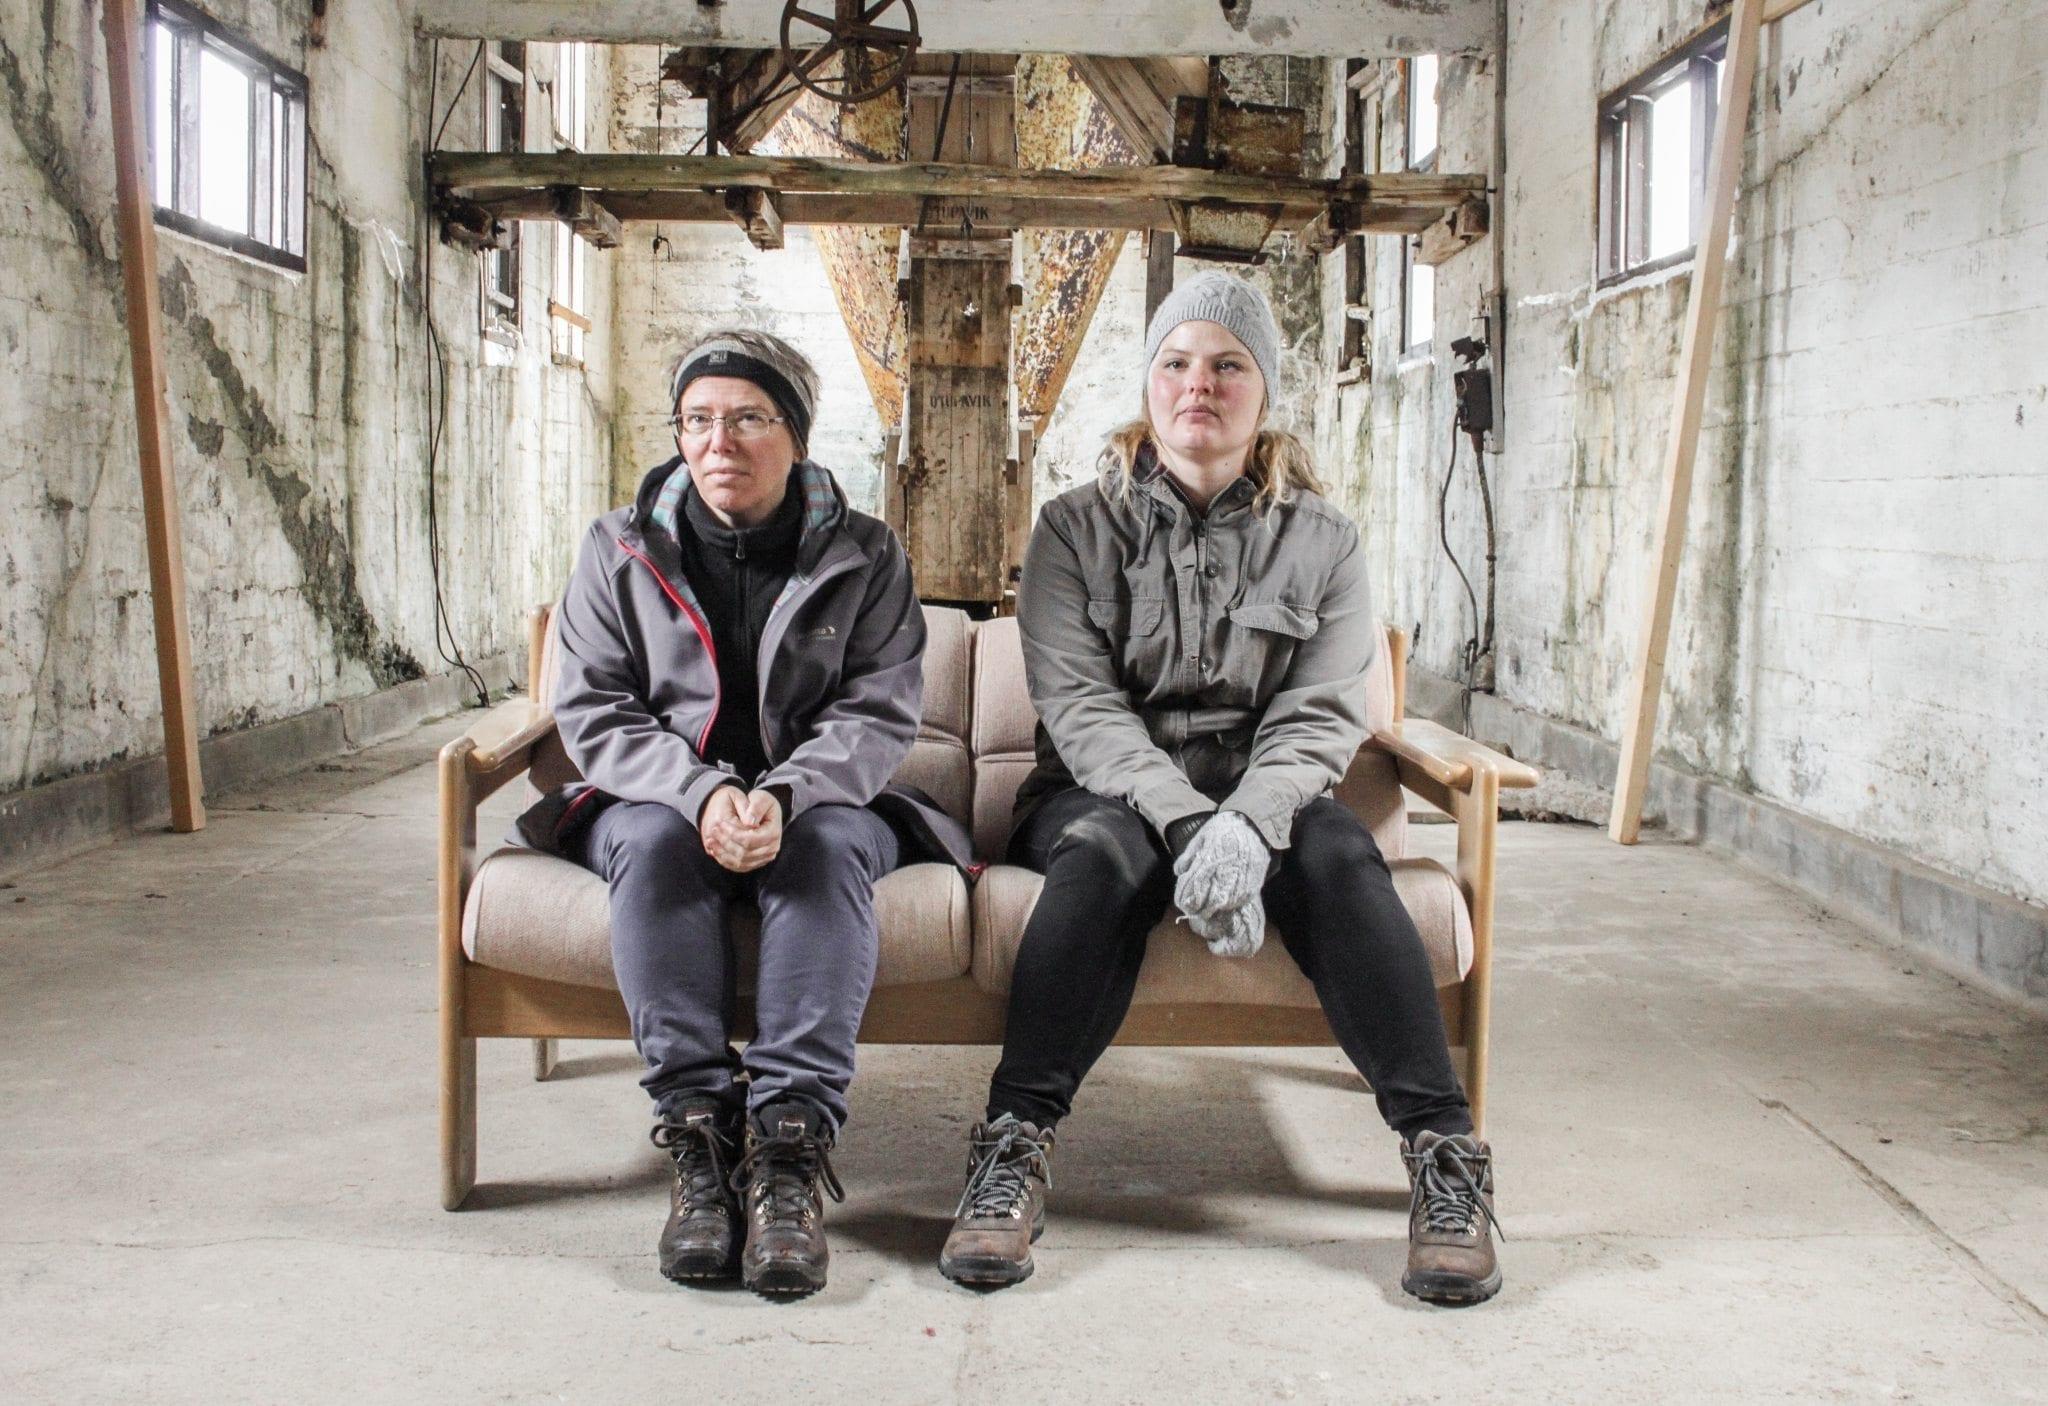 Sigga und Erla in der alten Heringsfabrik in der oft Ausstellungen zu sehen sind.